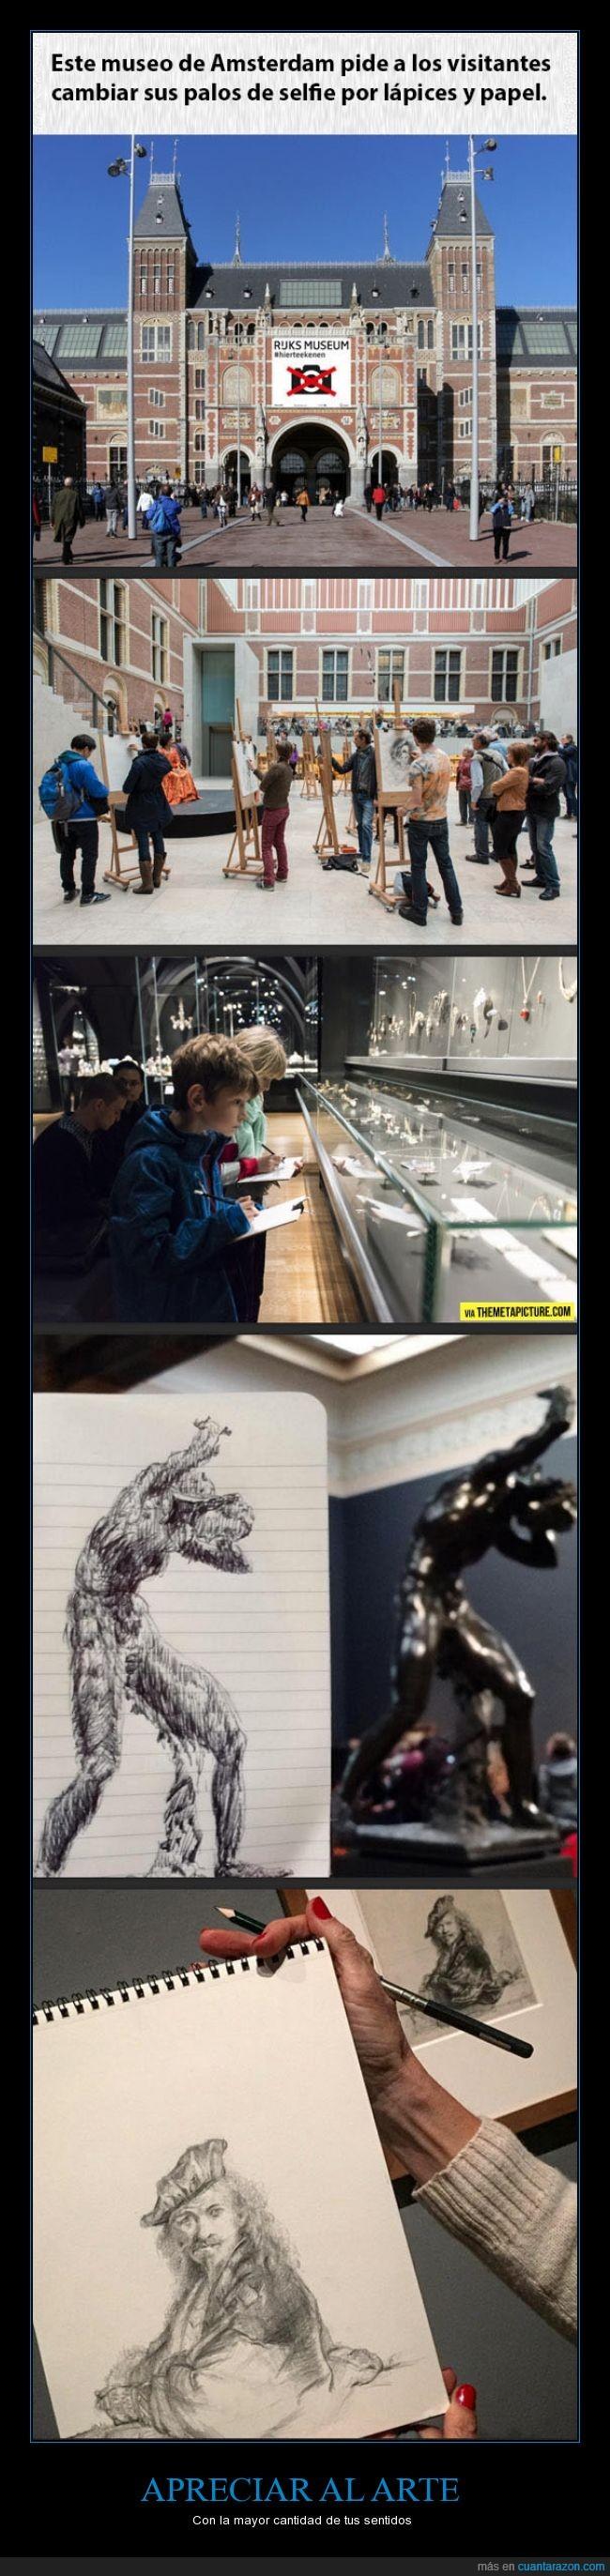 arte,dibujar,lapiz,museo,palo,papel,selfie